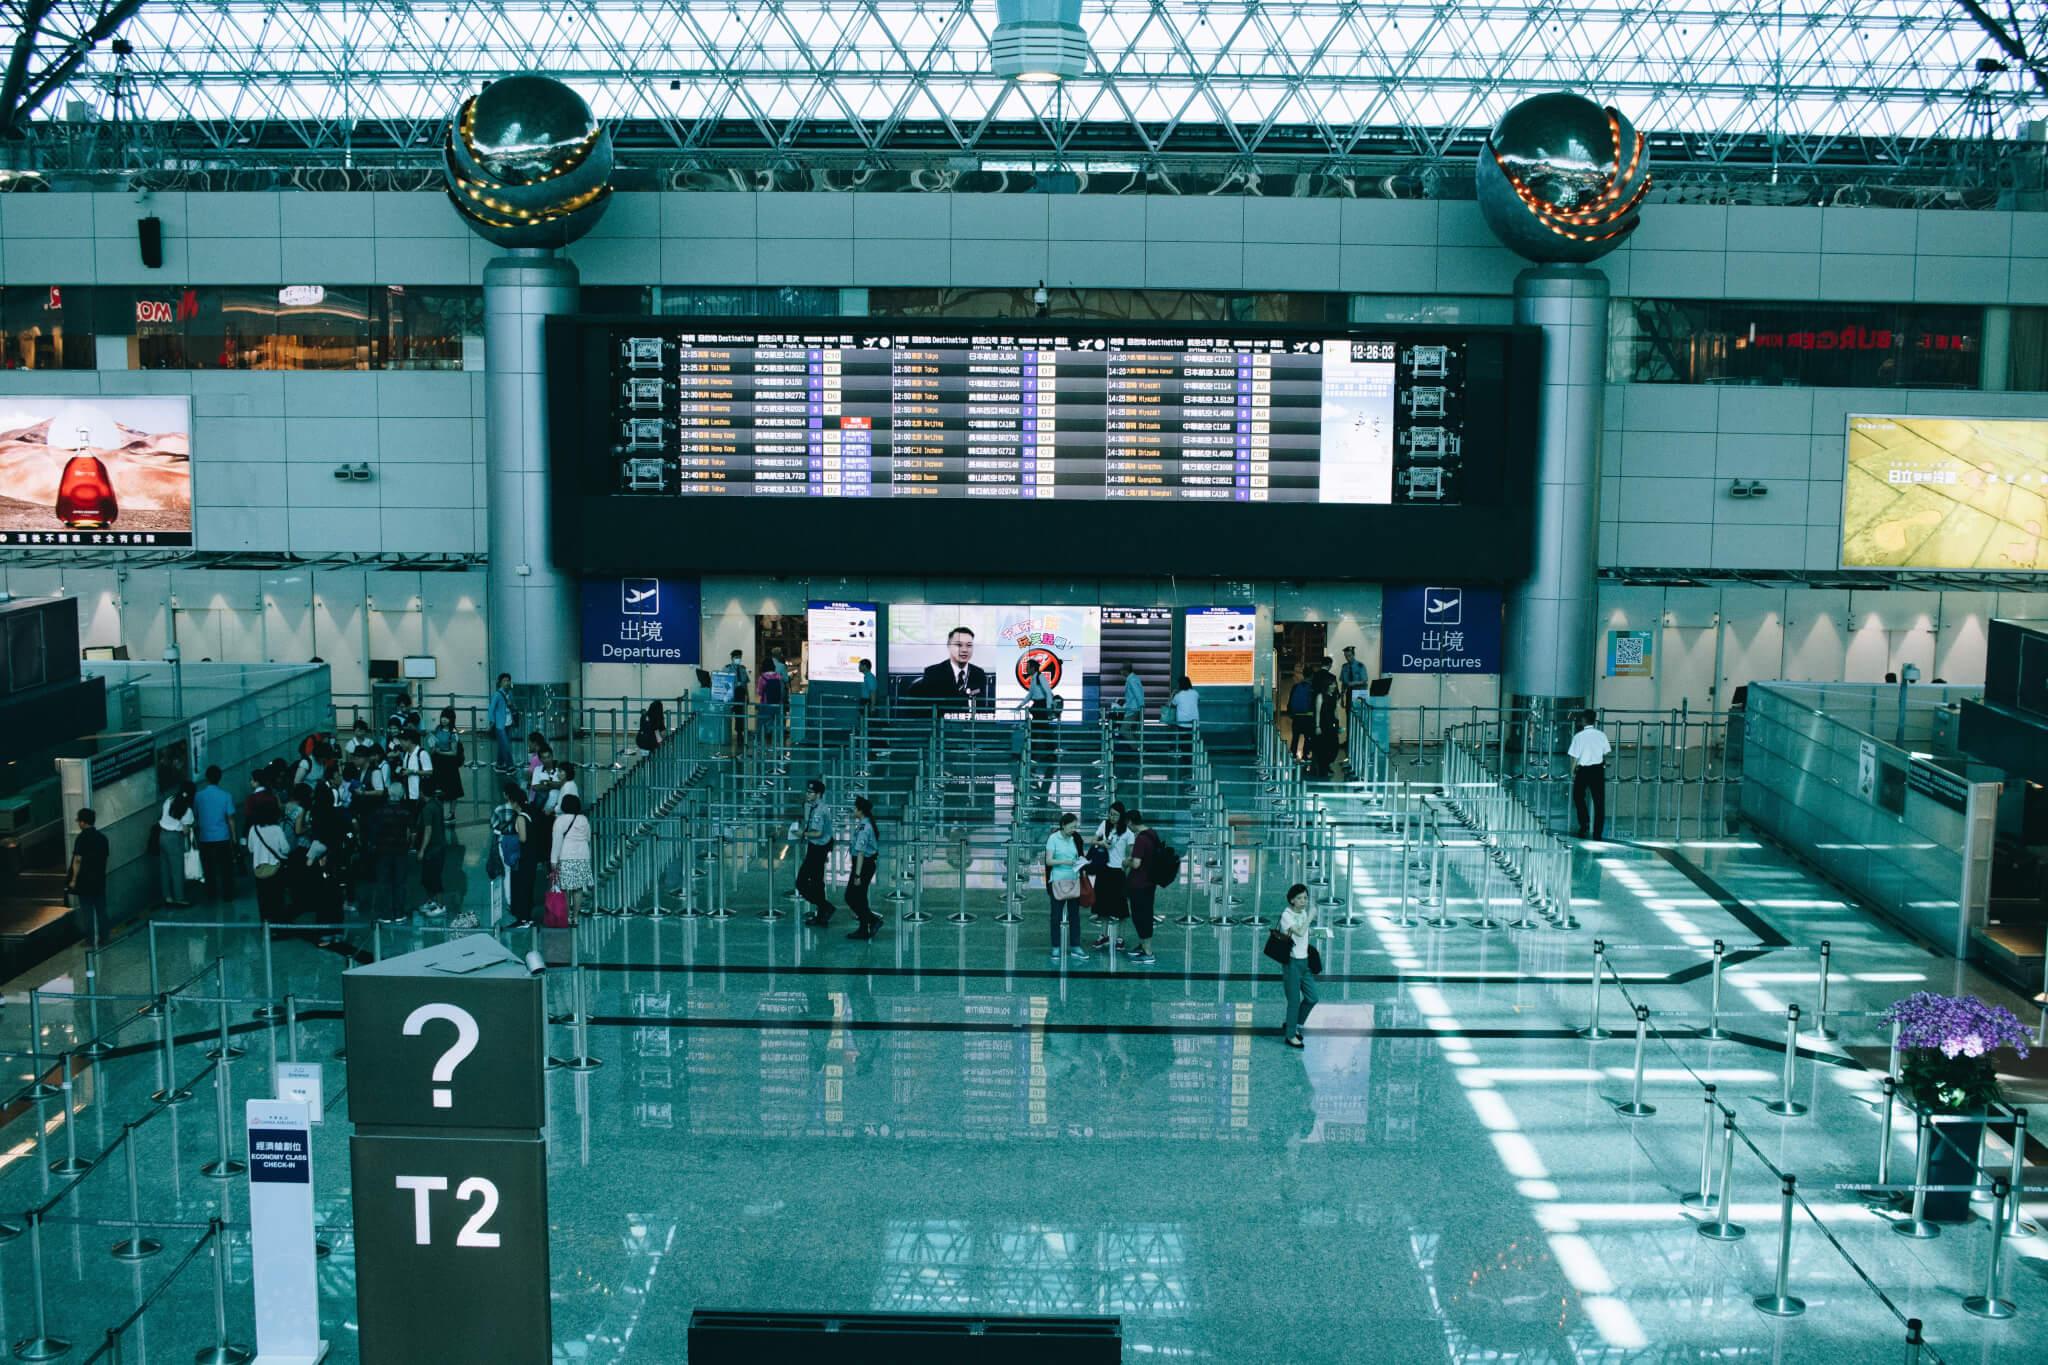 Транзит через шенген нужна ли виза